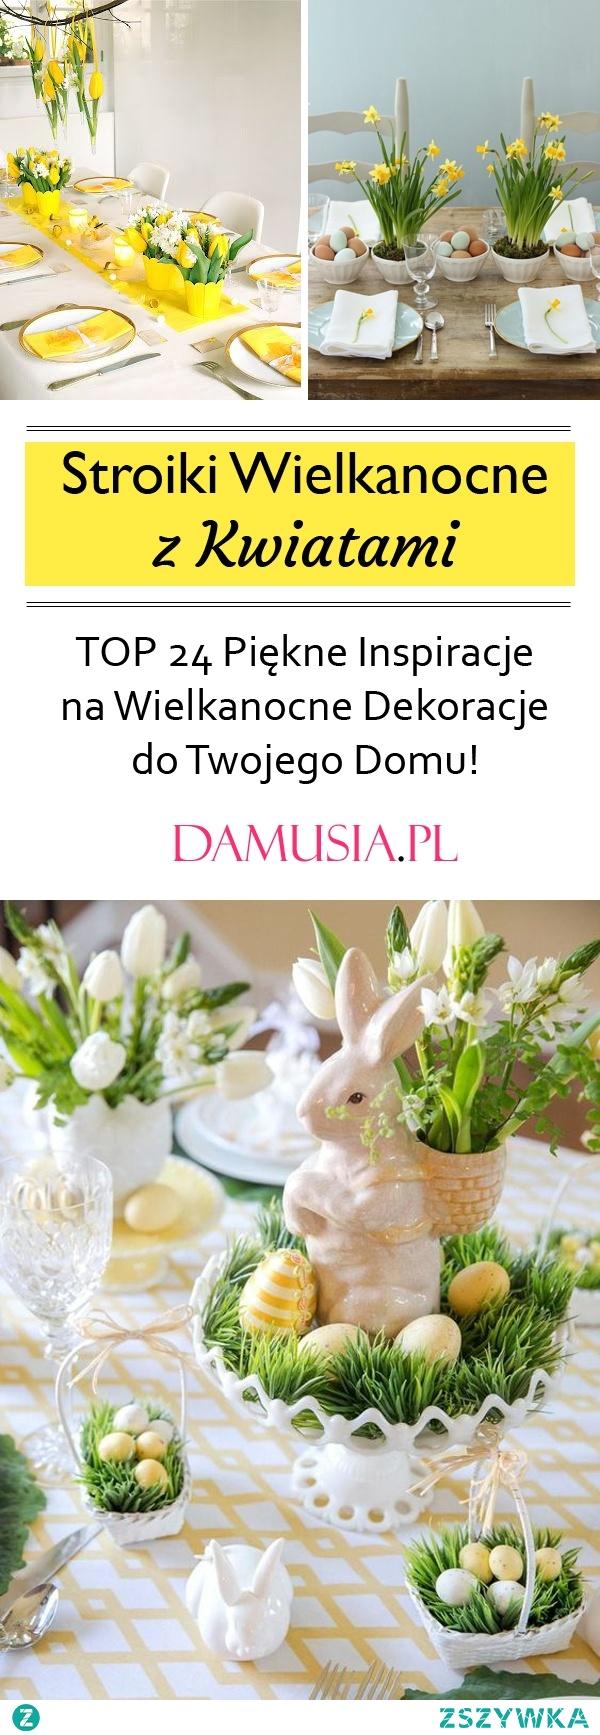 Stroiki Wielkanocne z Kwiatami – TOP 24 Piękne Inspiracje na Wielkanocne Dekoracje do Twojego Domu!